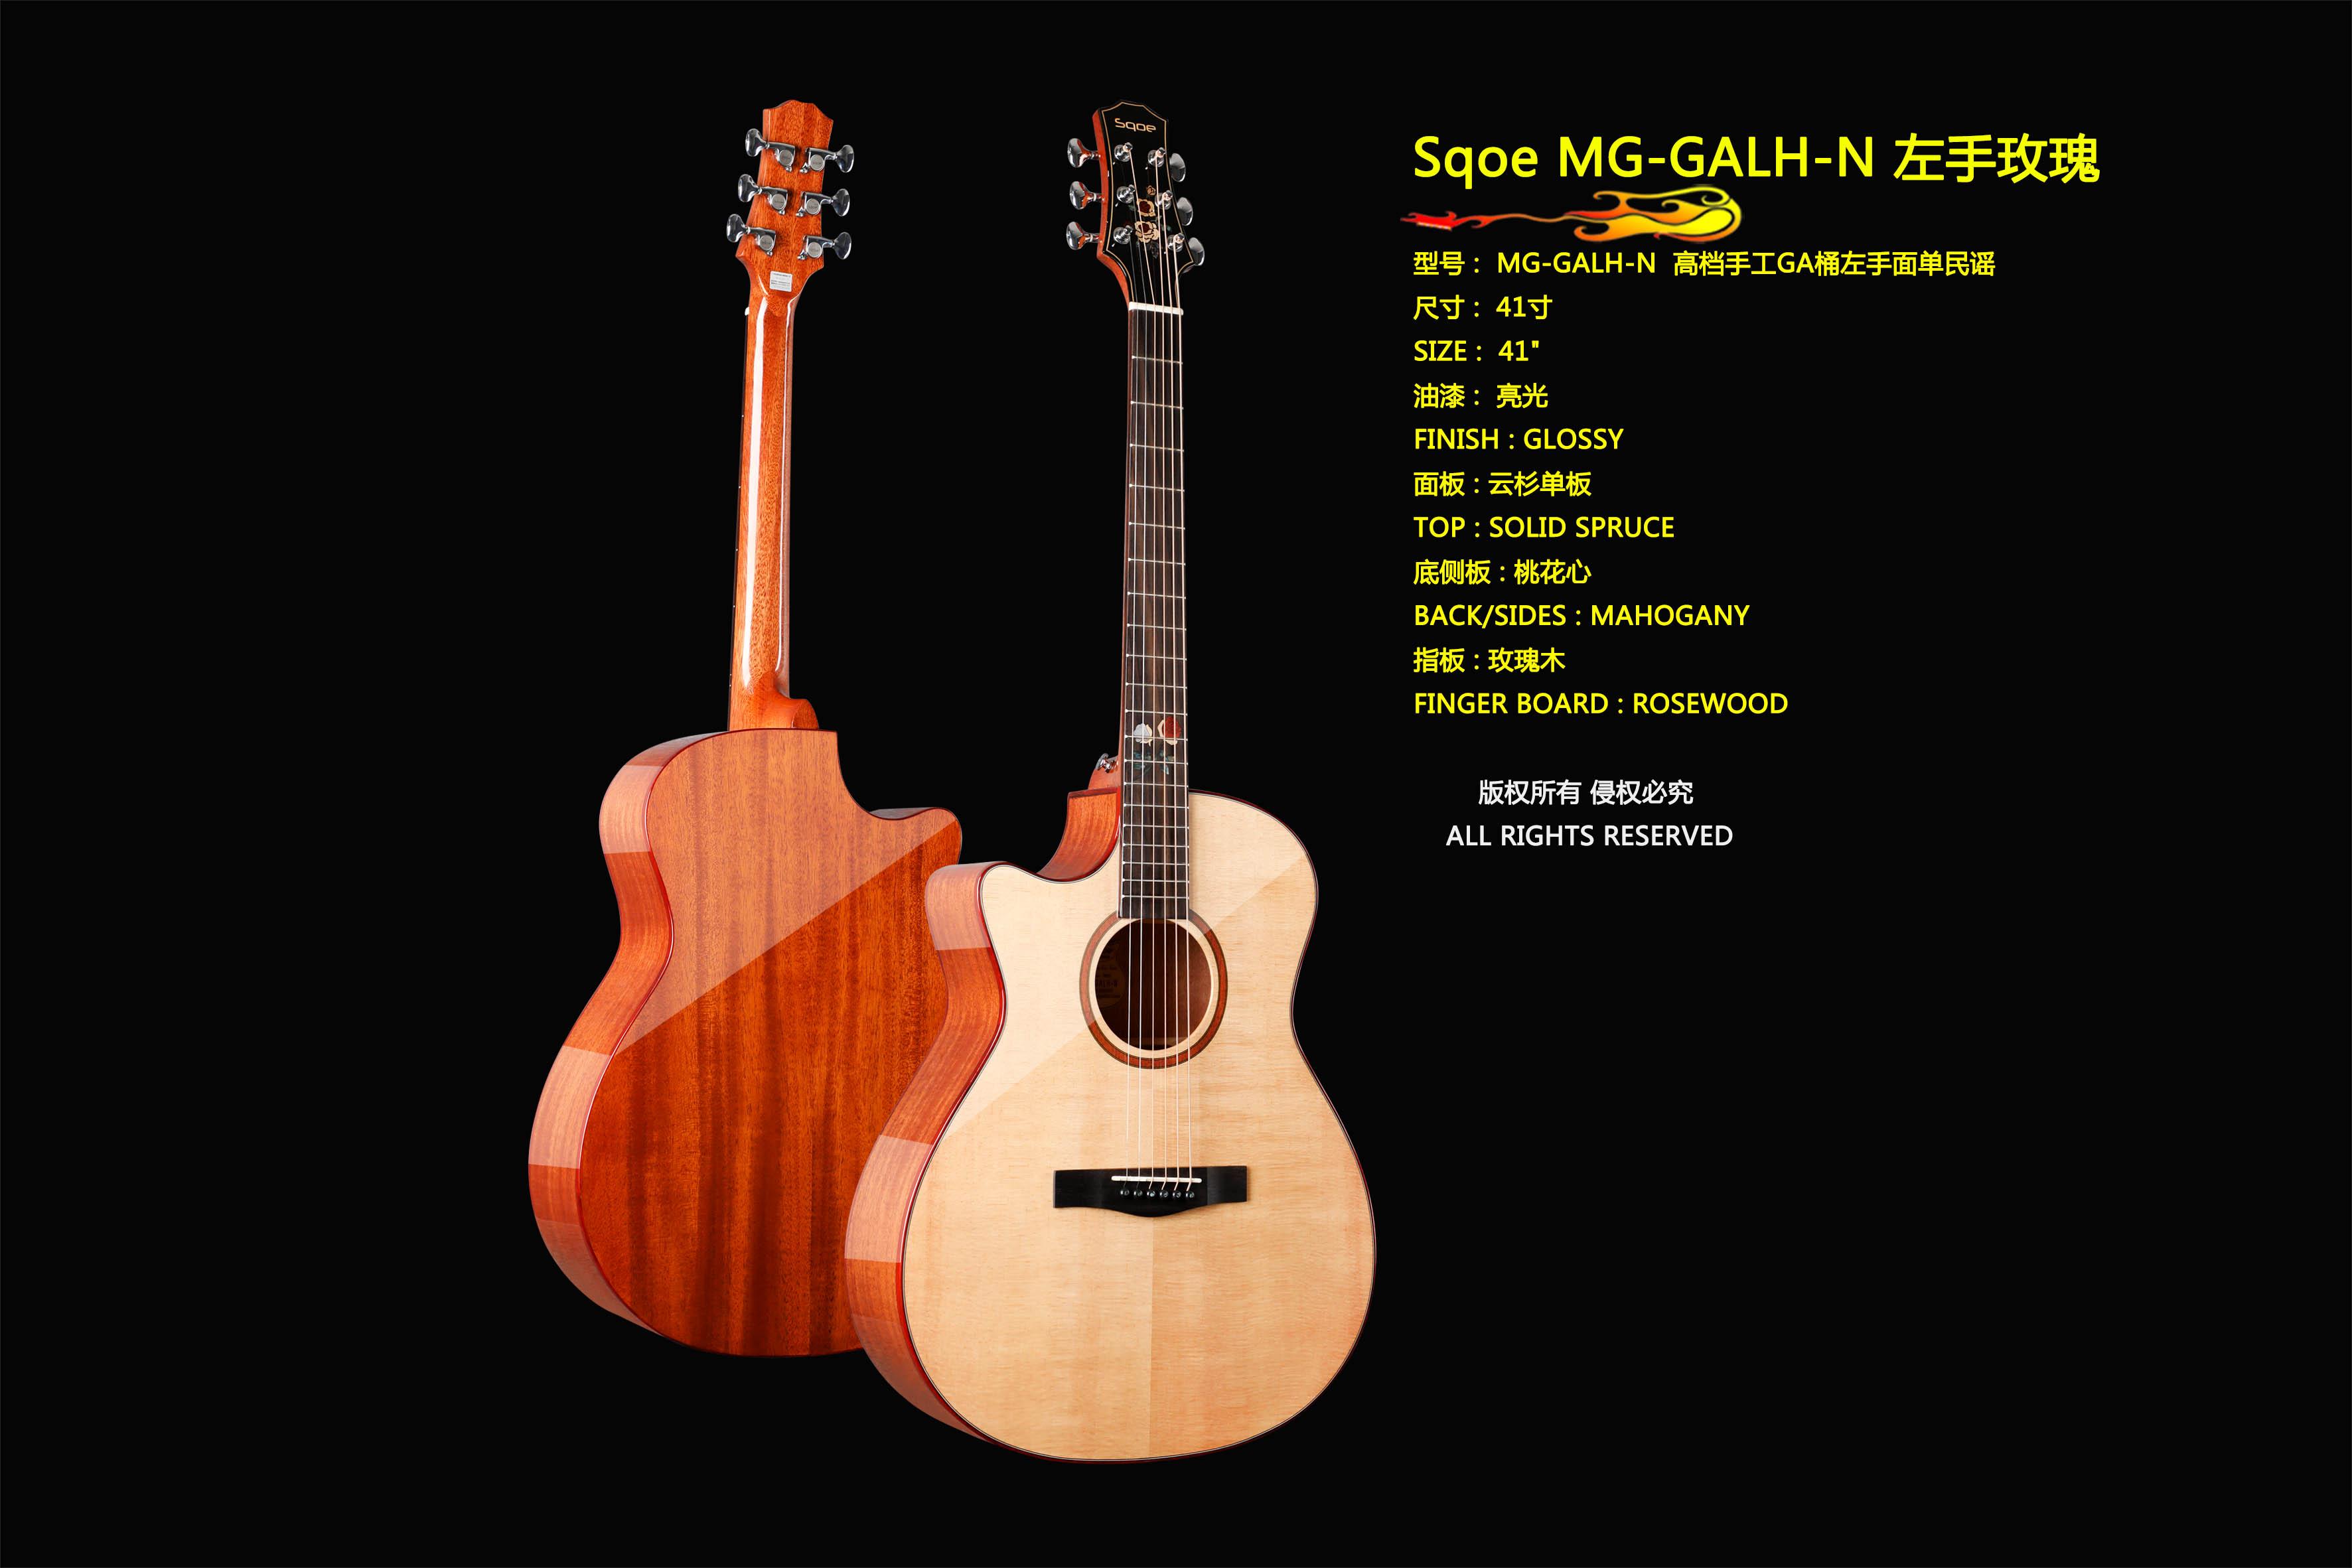 MG-GALH-N